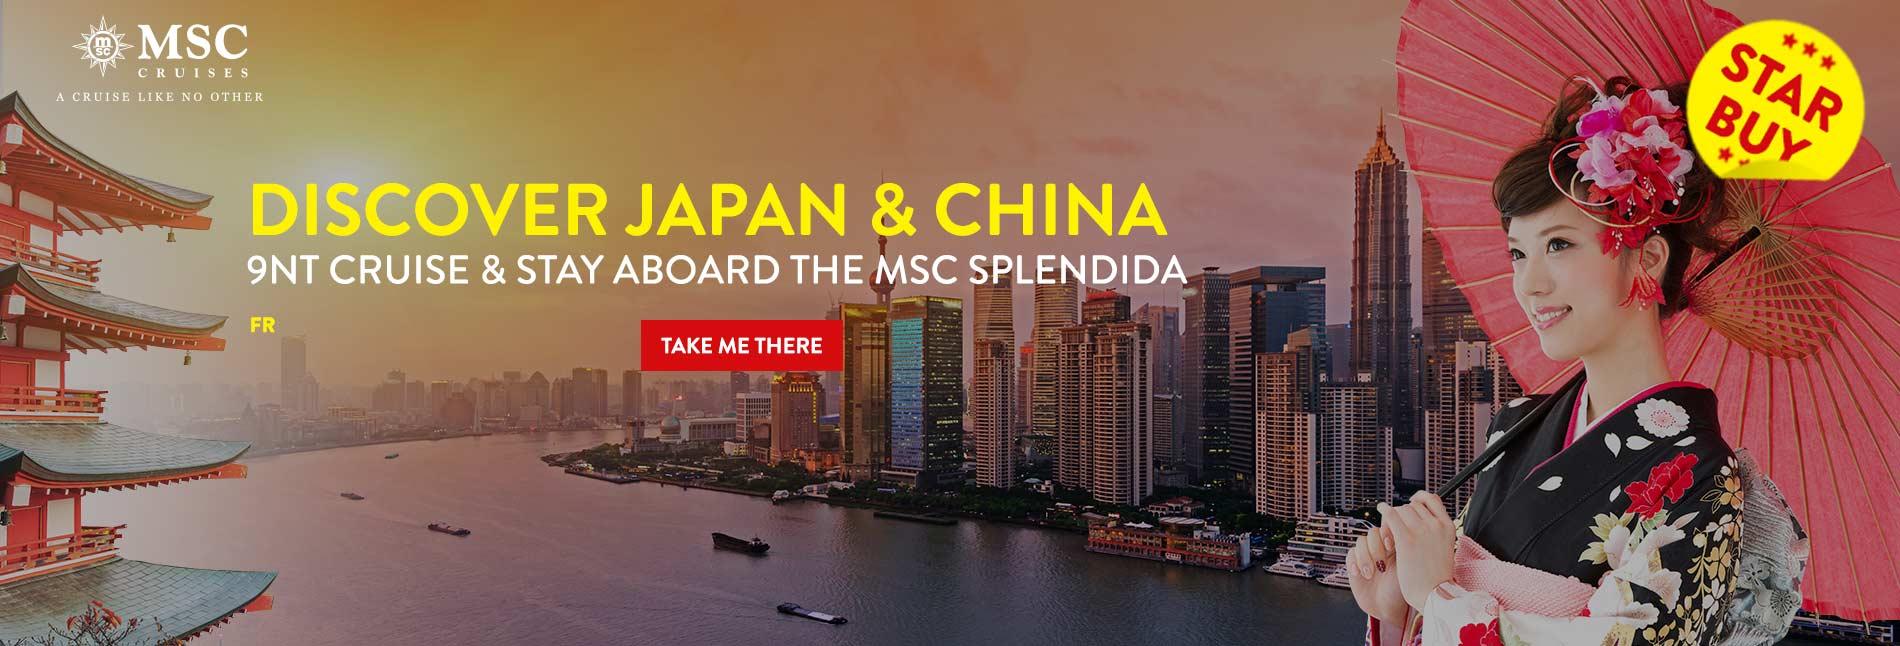 MSC Splendida Cruise Deals